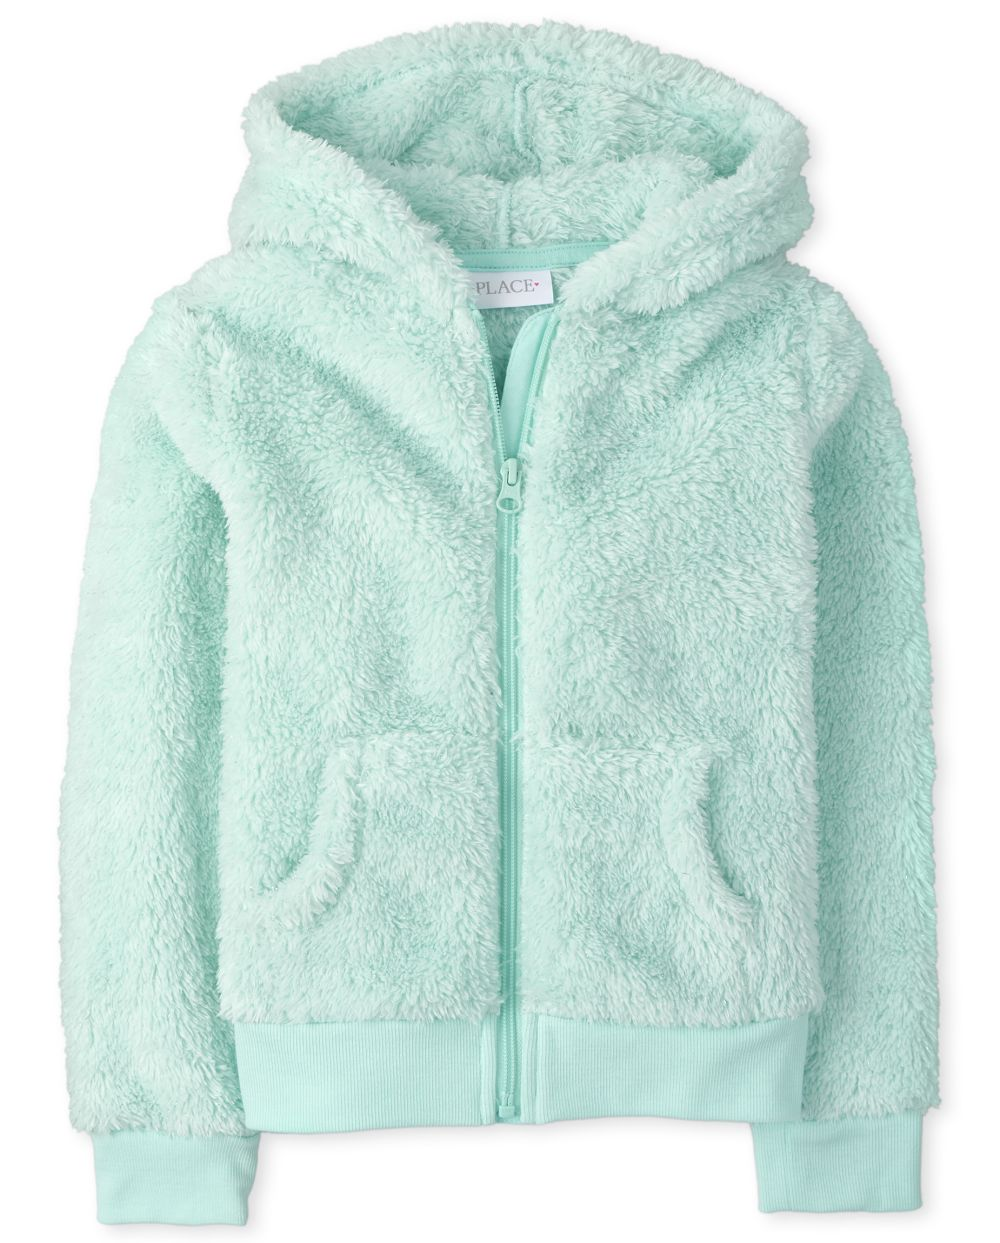 Girls Sparkle Faux Fur Zip Up Hoodie